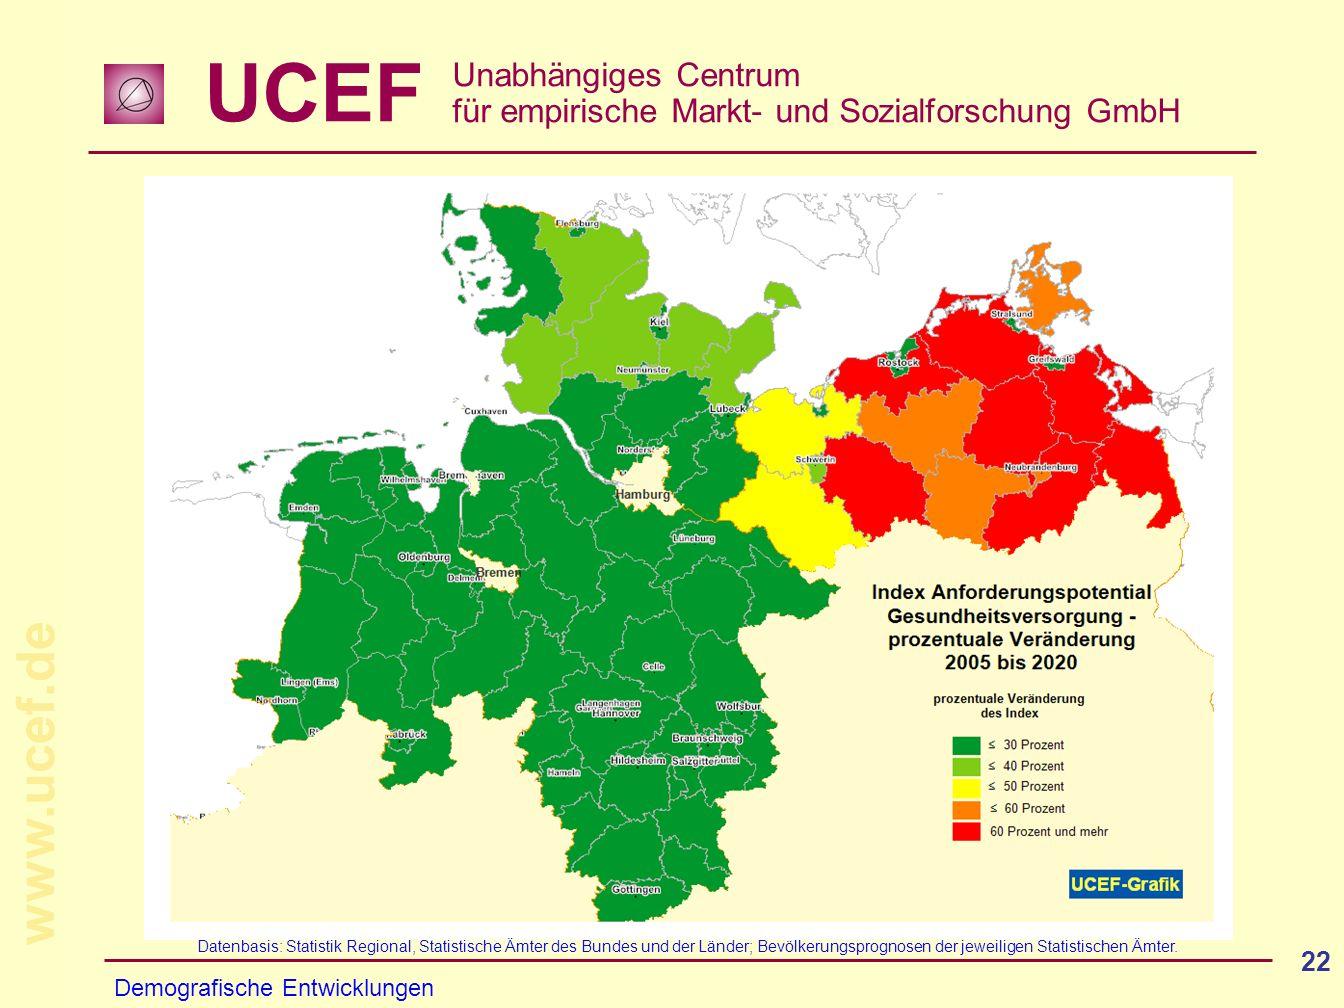 UCEF Unabhängiges Centrum für empirische Markt- und Sozialforschung GmbH www.ucef.de 22 Demografische Entwicklungen Datenbasis: Statistik Regional, St